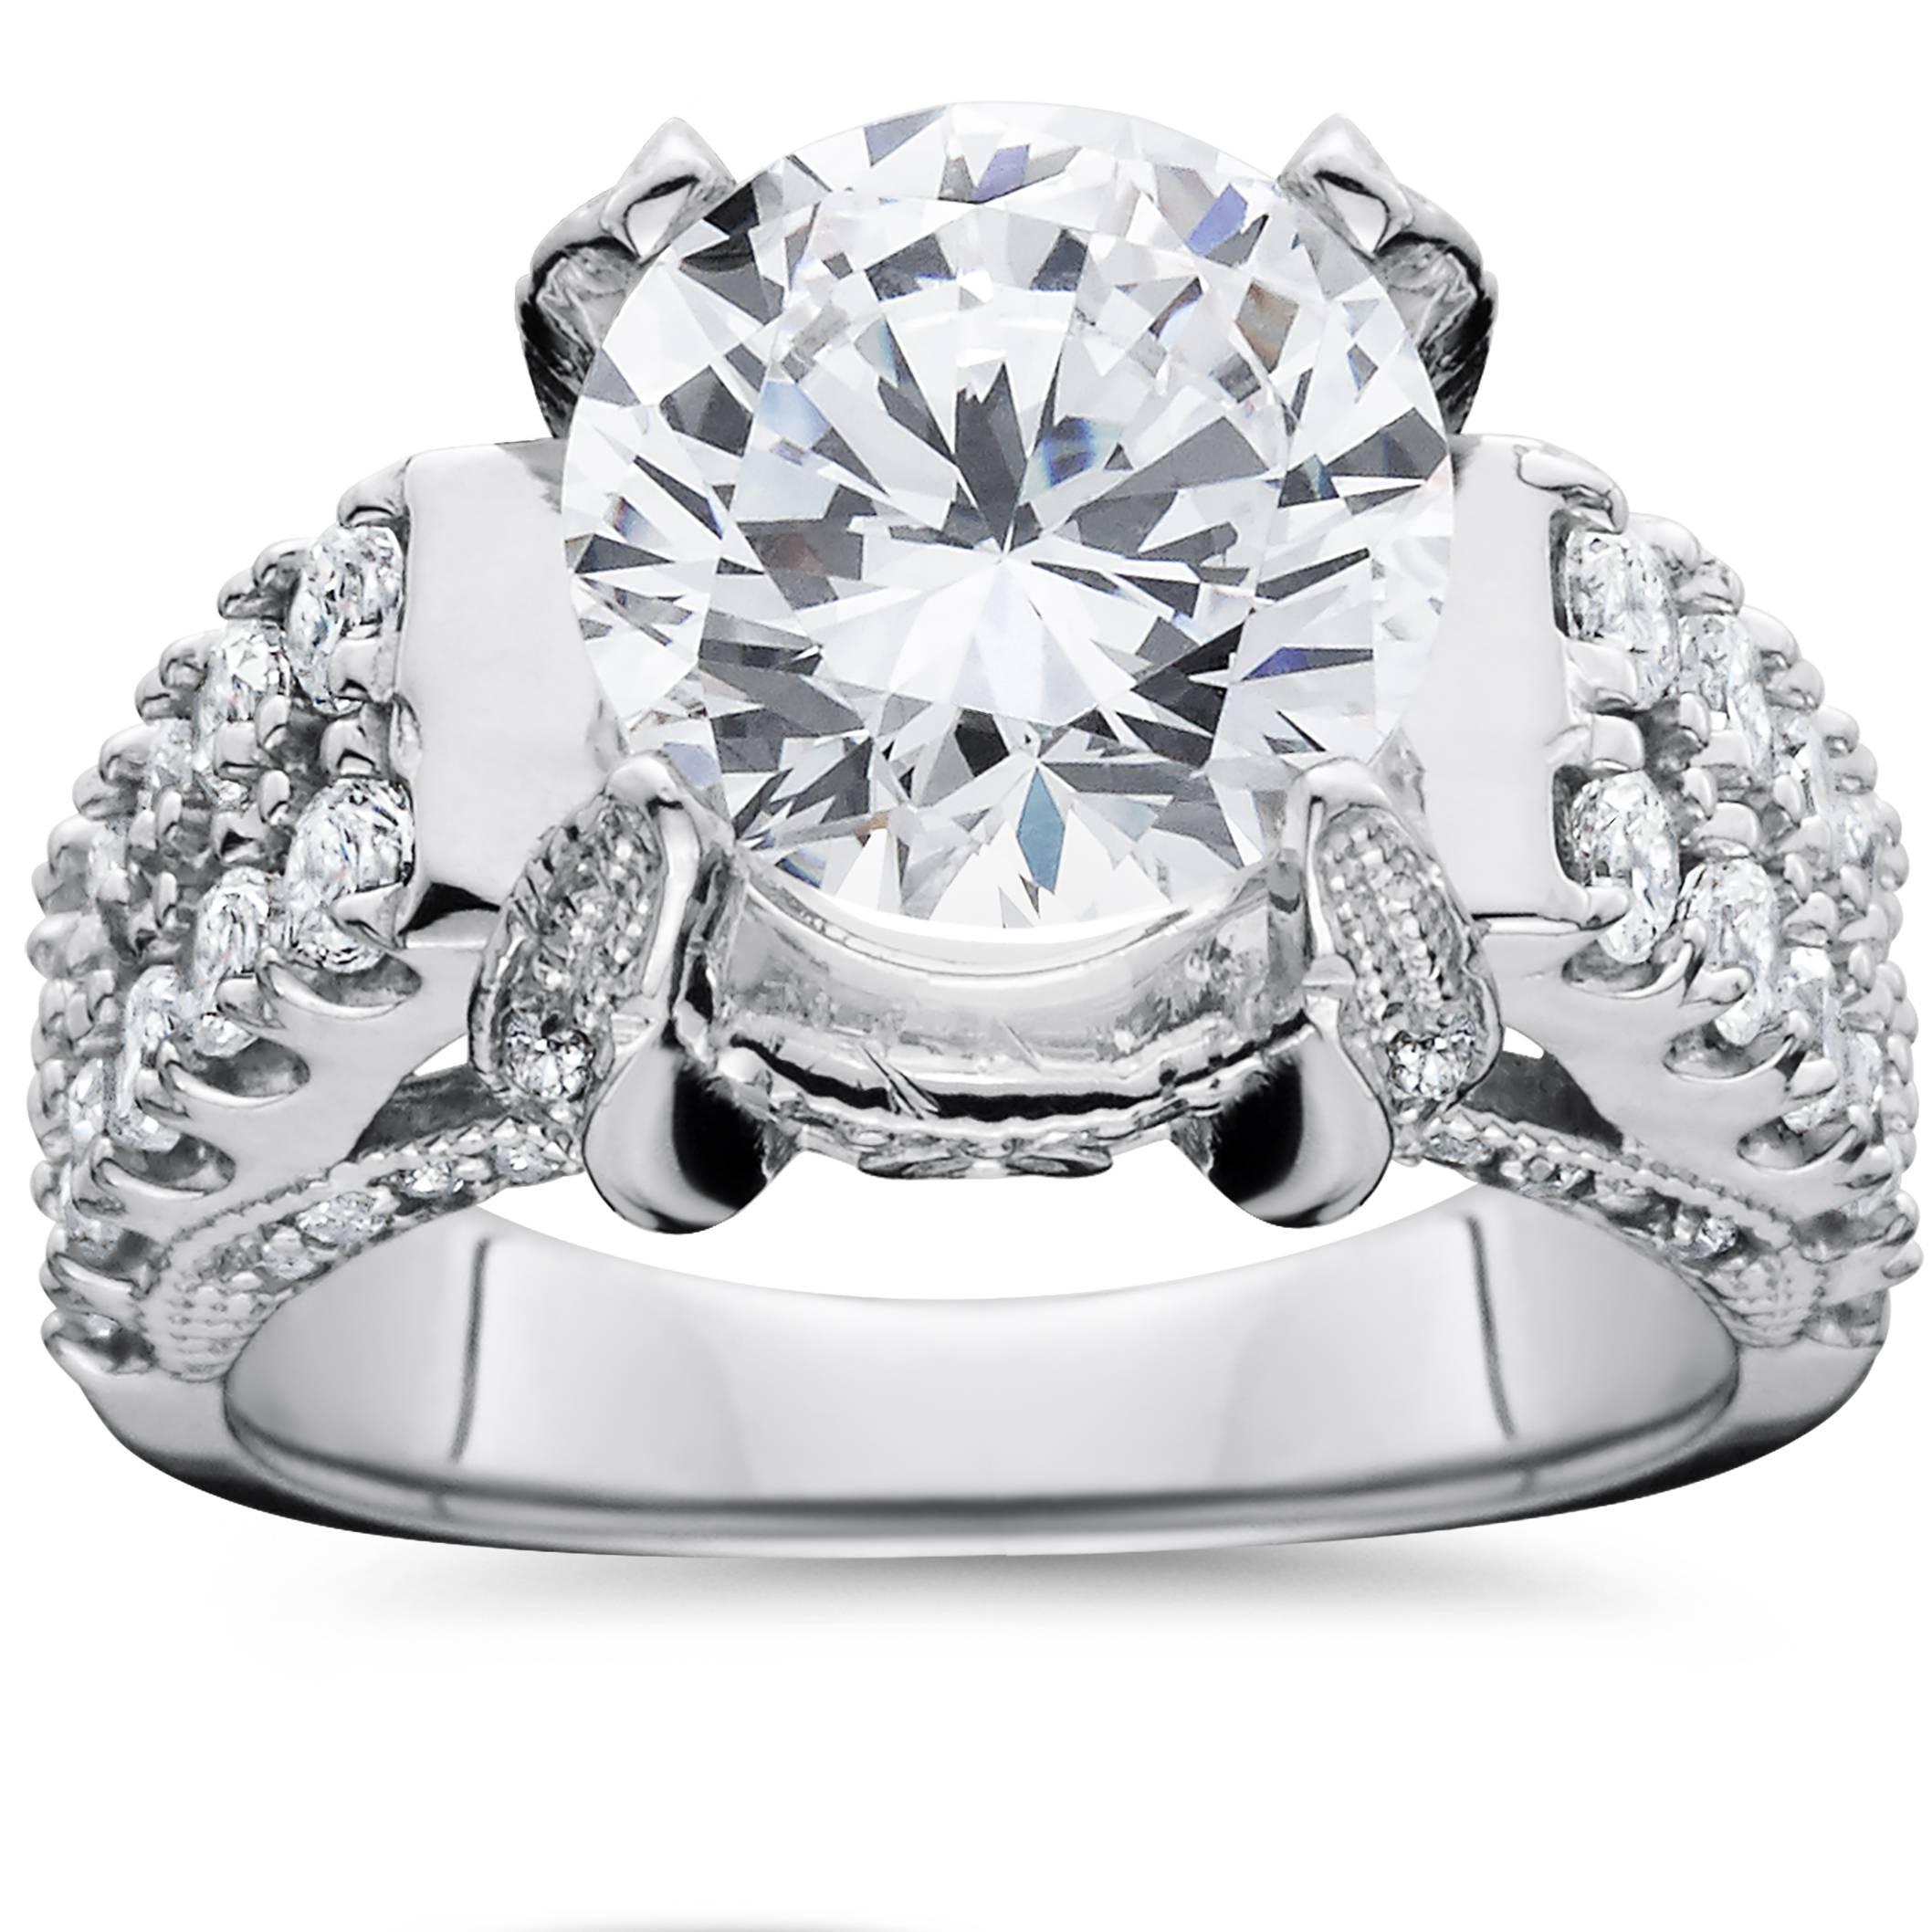 4.50 Carat Large Enhanced Diamond Engagement Ring 14K